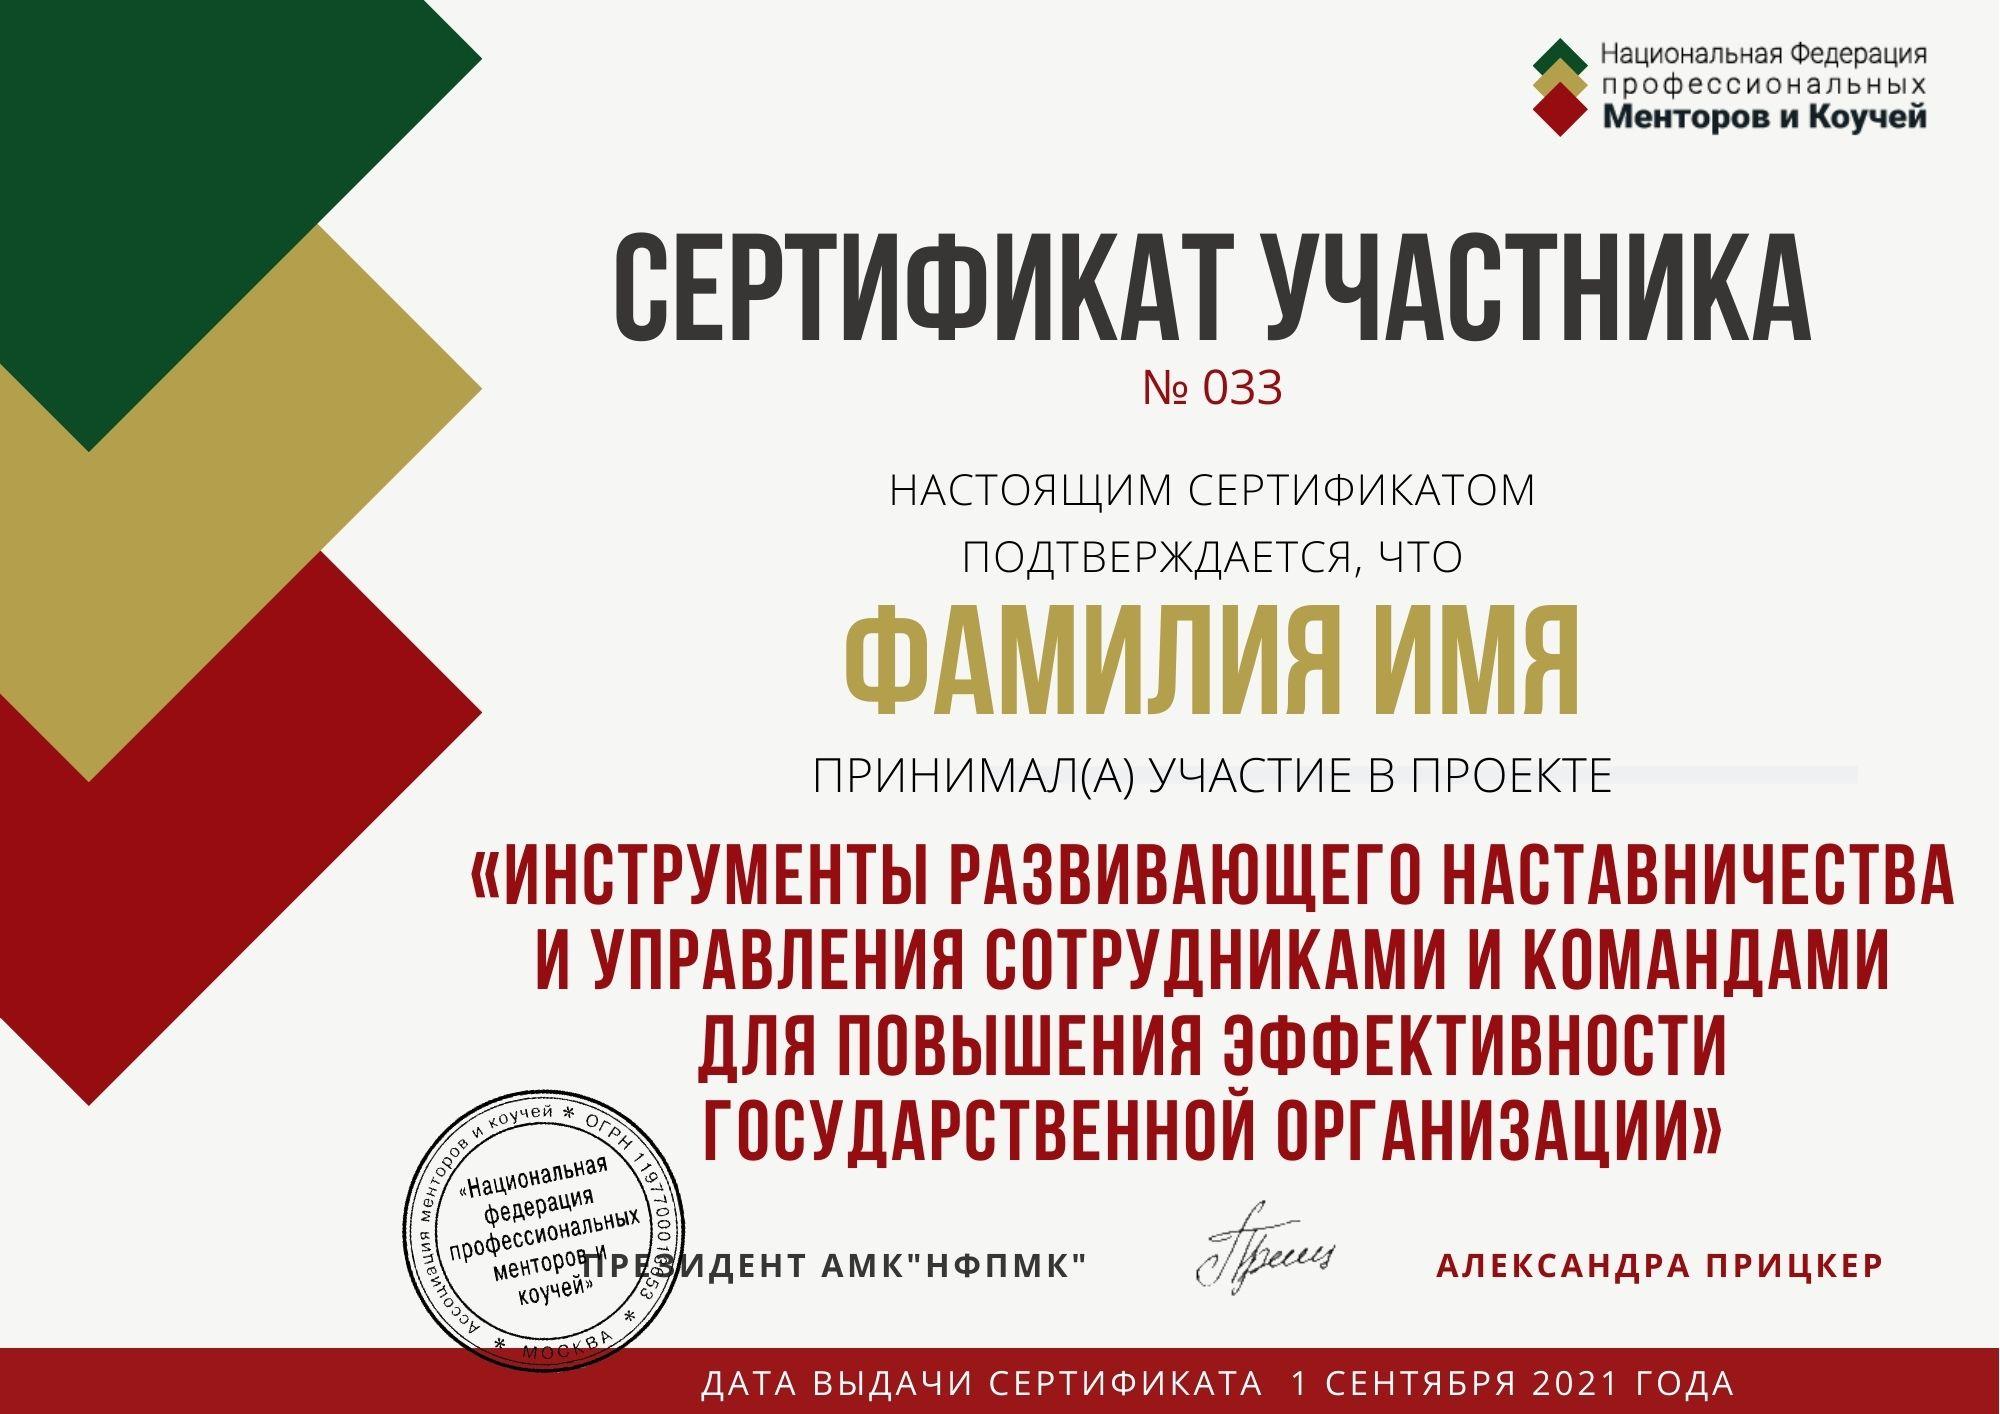 сертификат НФП, копия, копия, копия, копия, копия, копия